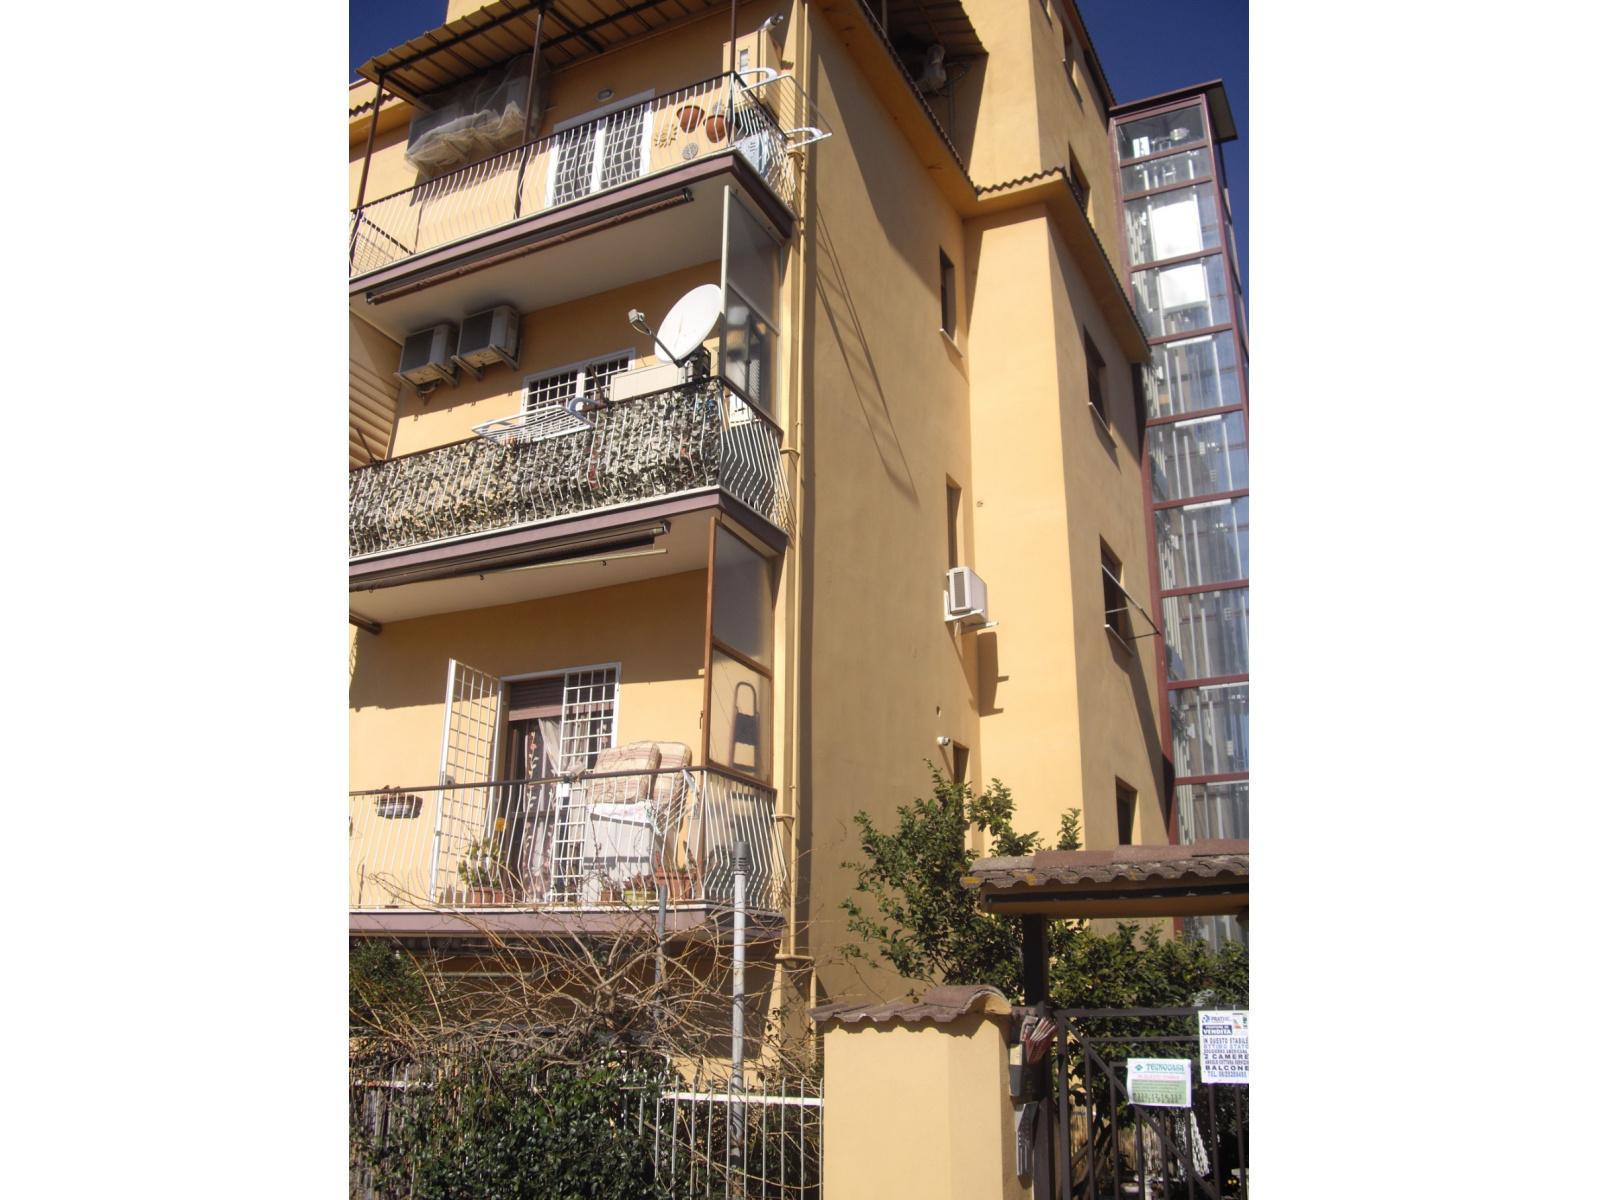 1118416987 Trilocale in Via Salcito, Roma, Zona la Rustica